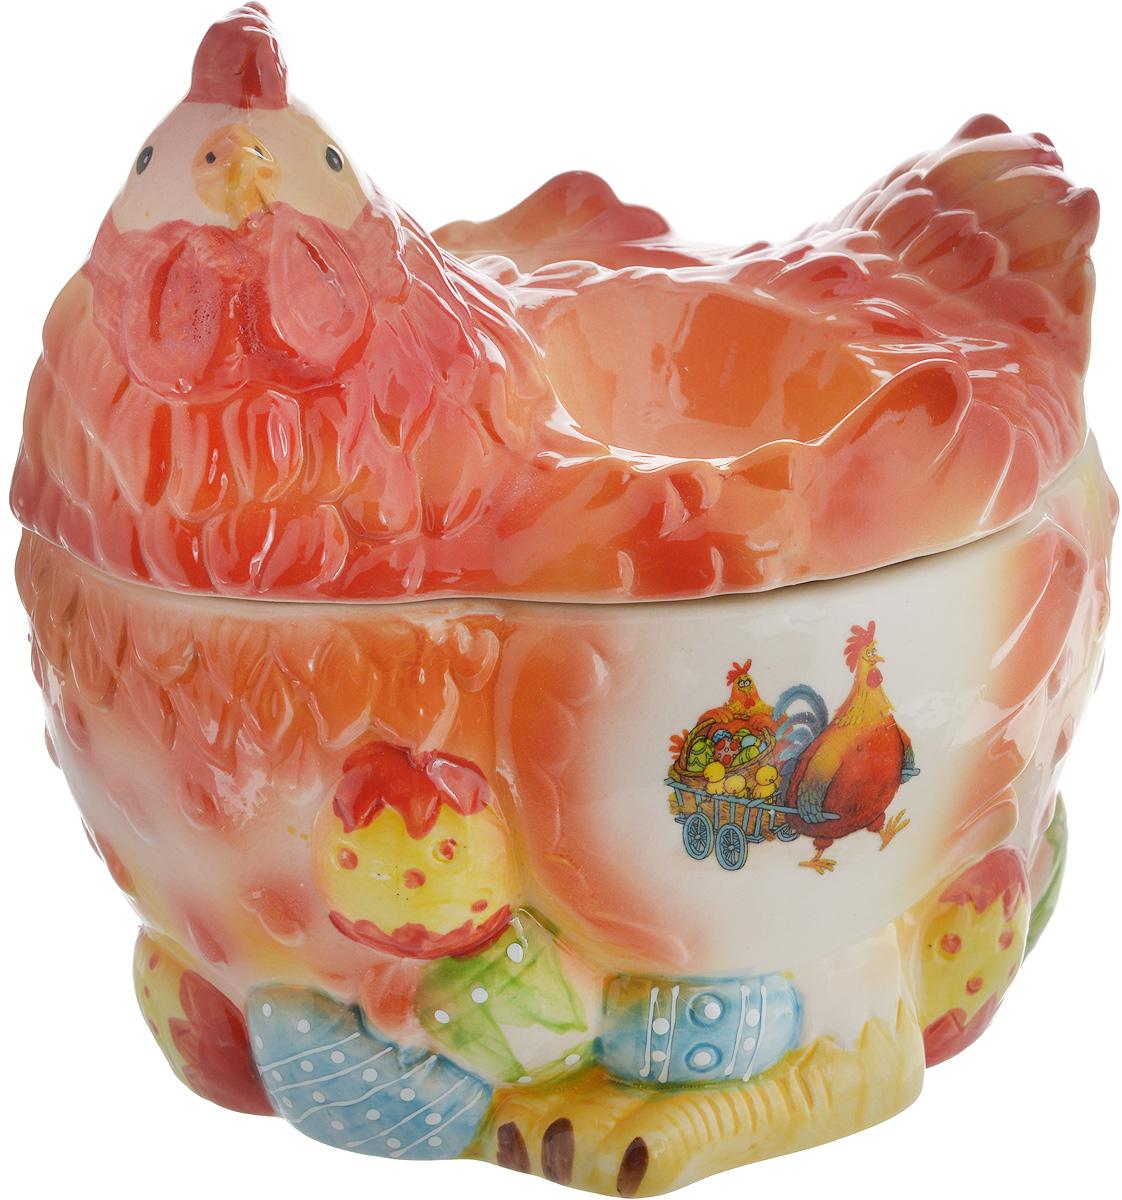 Ваза Win Max Курочка, для пасхальных яиц и угощений, 18 х 20 х 16 см14024Ваза Win Max изготовлена из высококачественной керамики с глазурованным покрытием и оформлена рельефным рисунком. Изделие дополнено крышкой, которая выполнена в виде фигурки курочки. На крышке расположены две подставки для яиц. Оригинальный дизайн украсит интерьер вашей кухни, а функциональность порадует любую хозяйку. Размеры емкости (без учета крышки): 18 х 15,5 х 10 см Высота крышки: 10 см